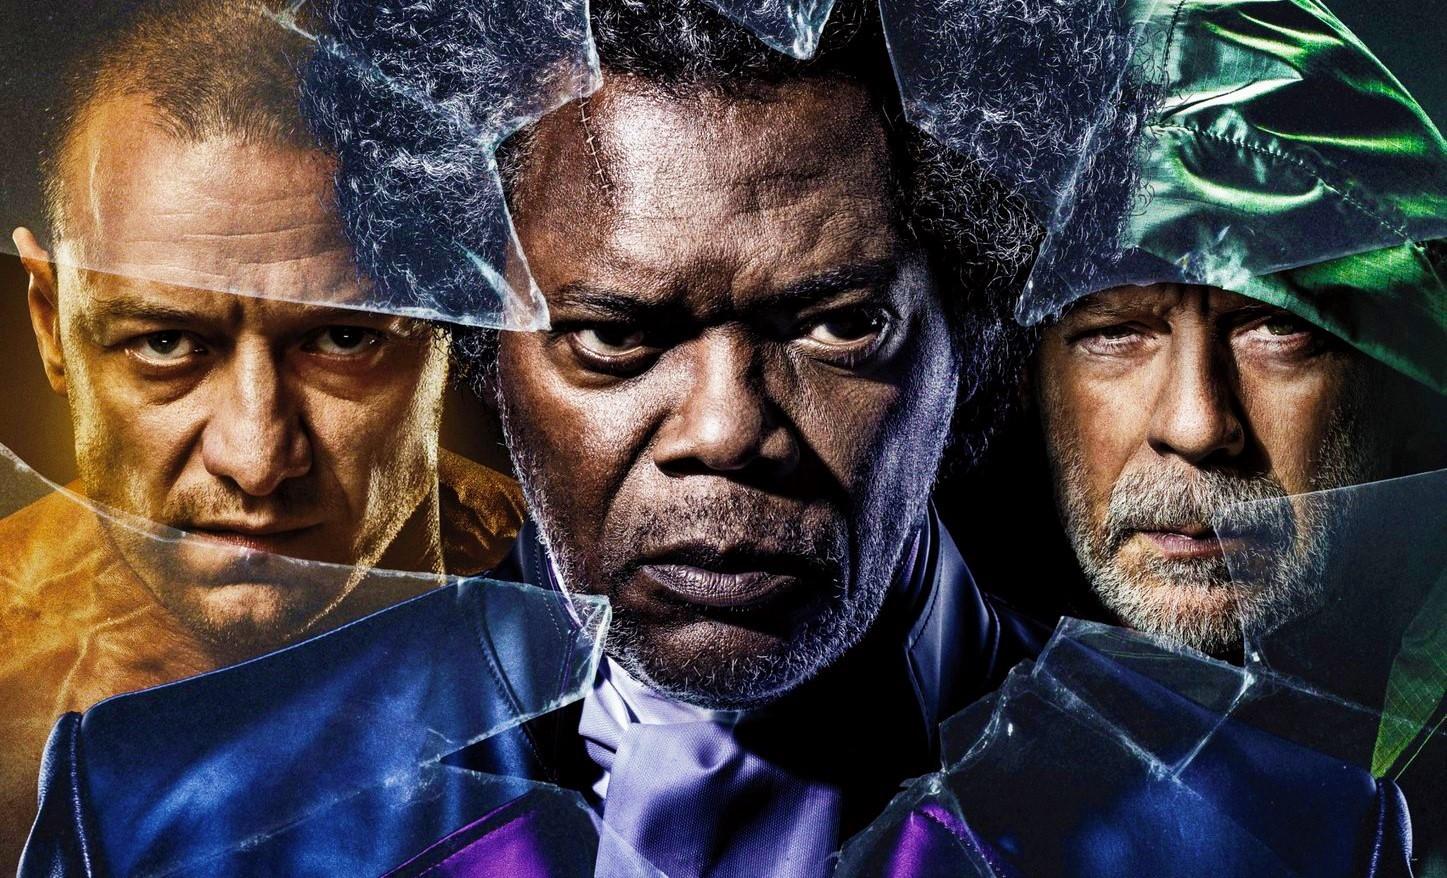 IMAX-ролик и постеры триллера «Стекло» М. Найт Шьямалана